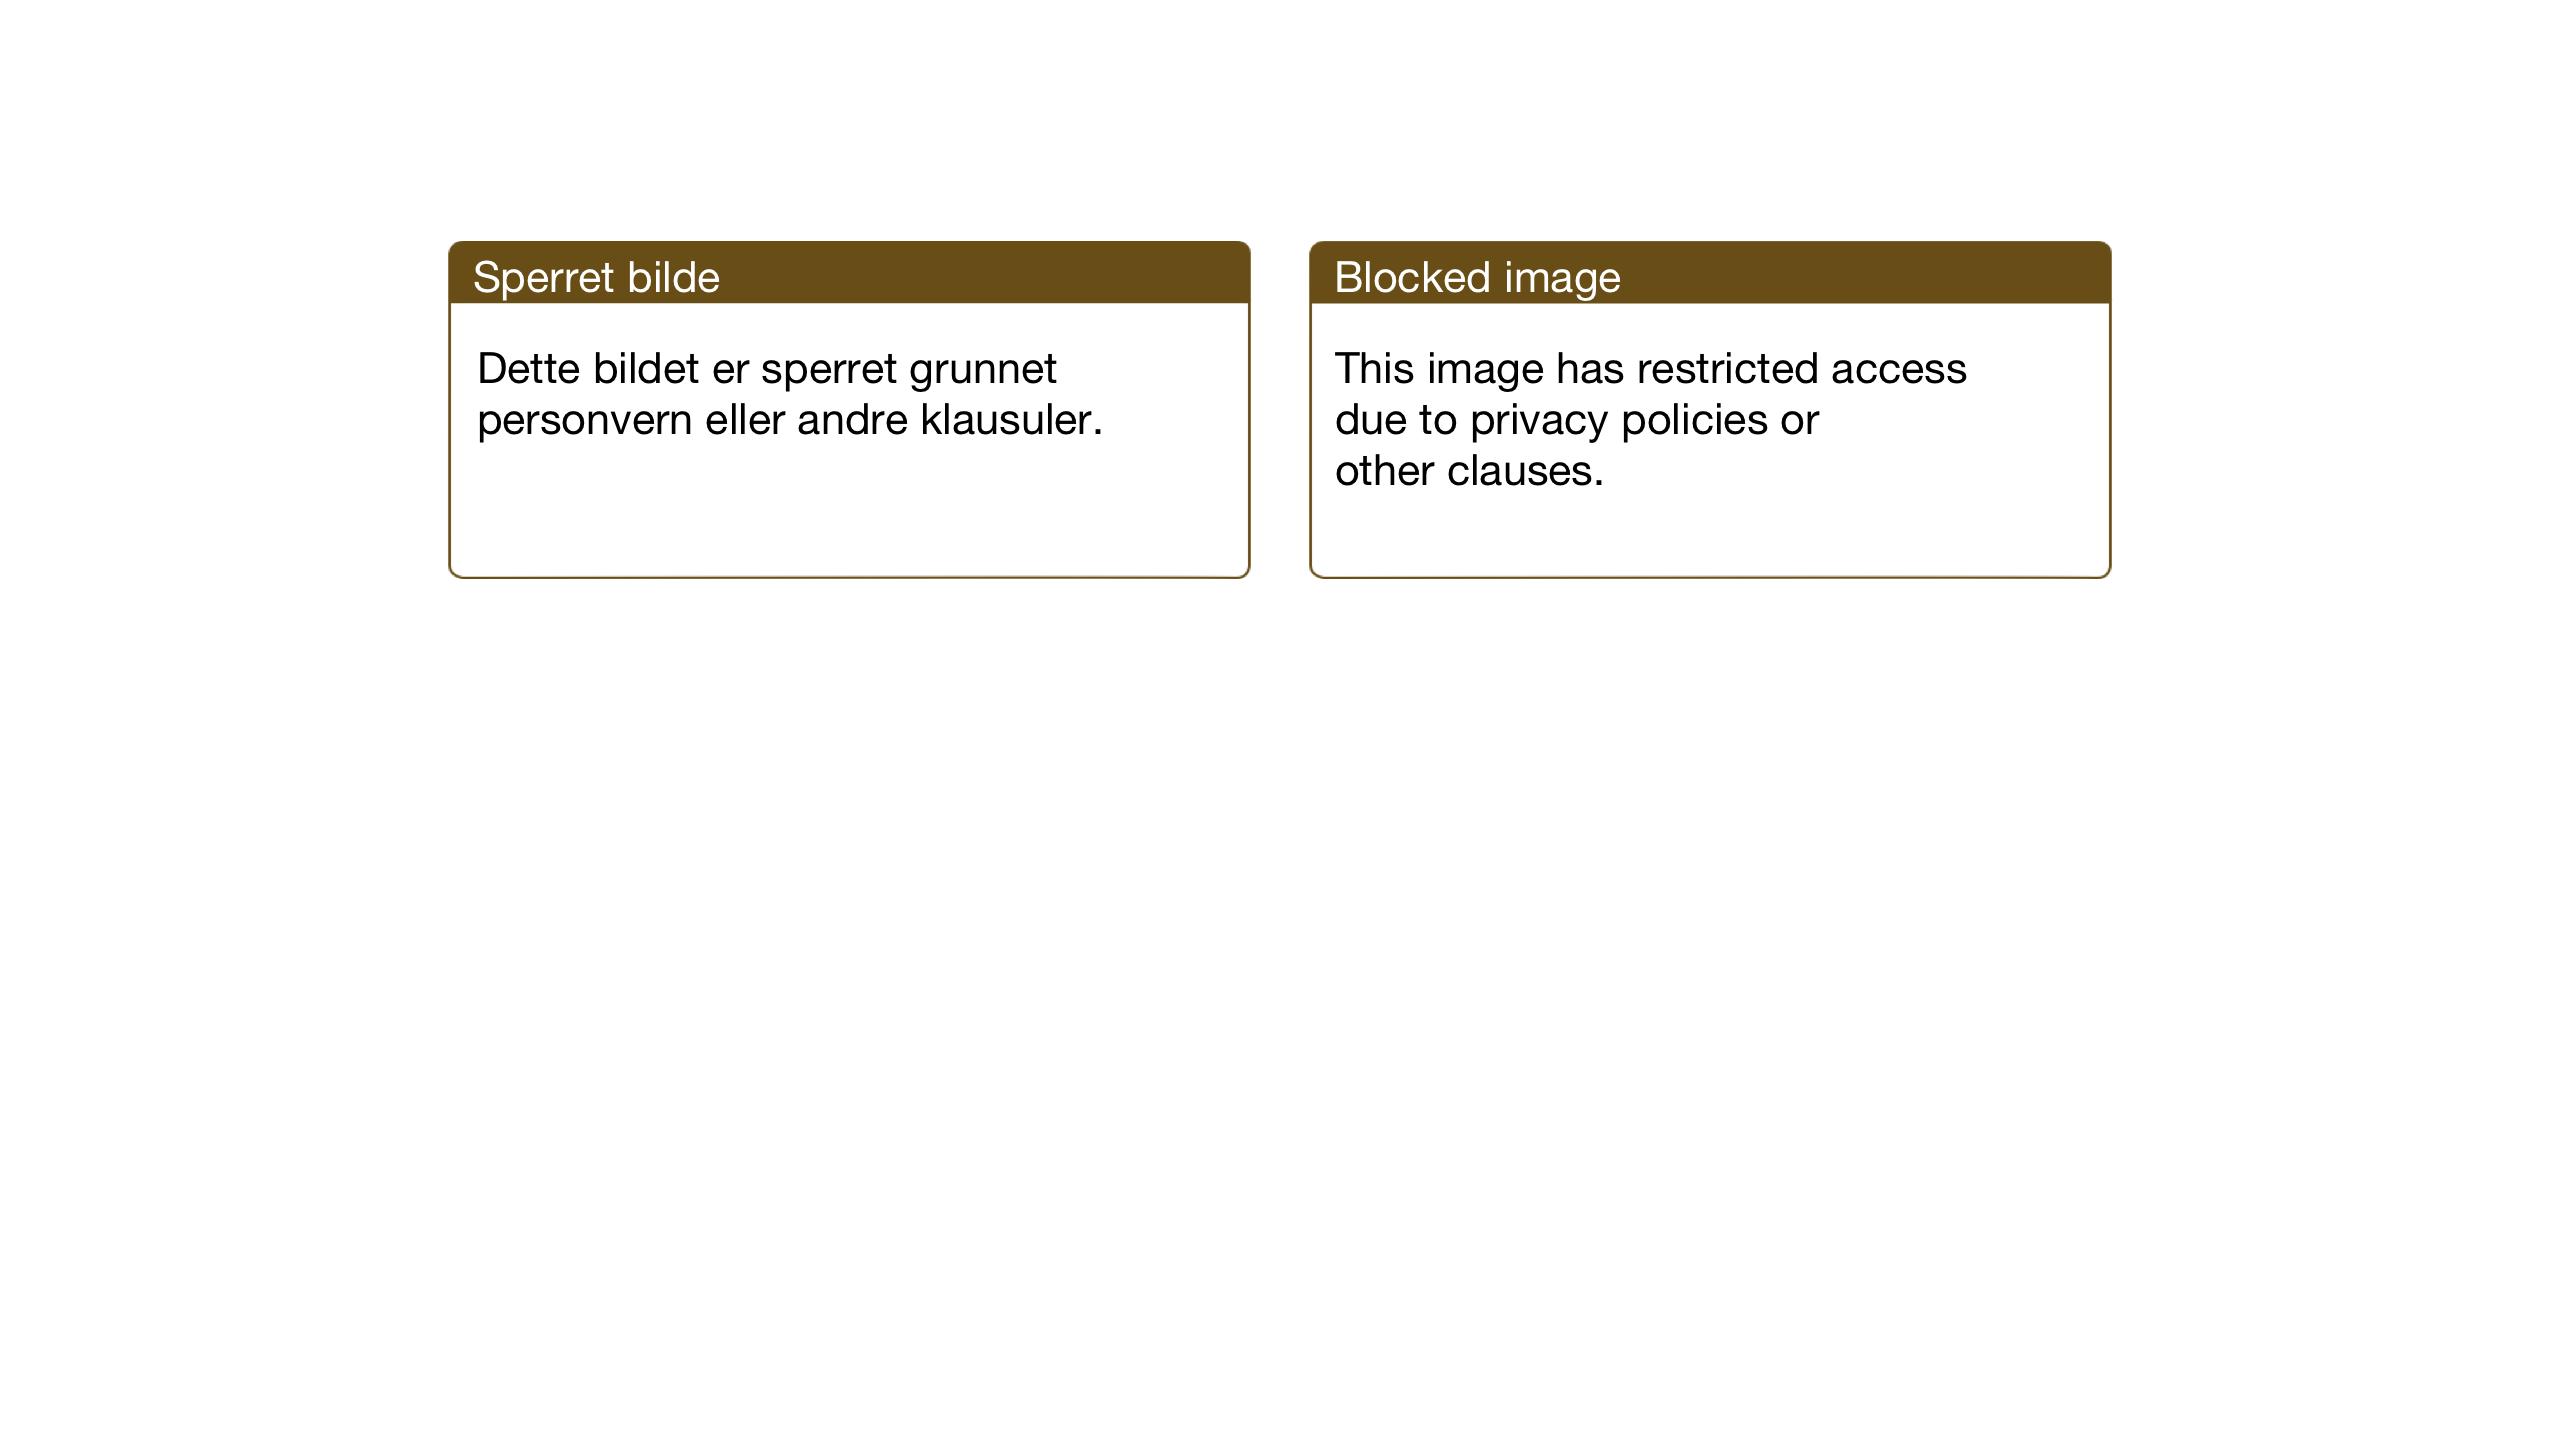 SAT, Ministerialprotokoller, klokkerbøker og fødselsregistre - Nord-Trøndelag, 746/L0456: Klokkerbok nr. 746C02, 1936-1948, s. 42